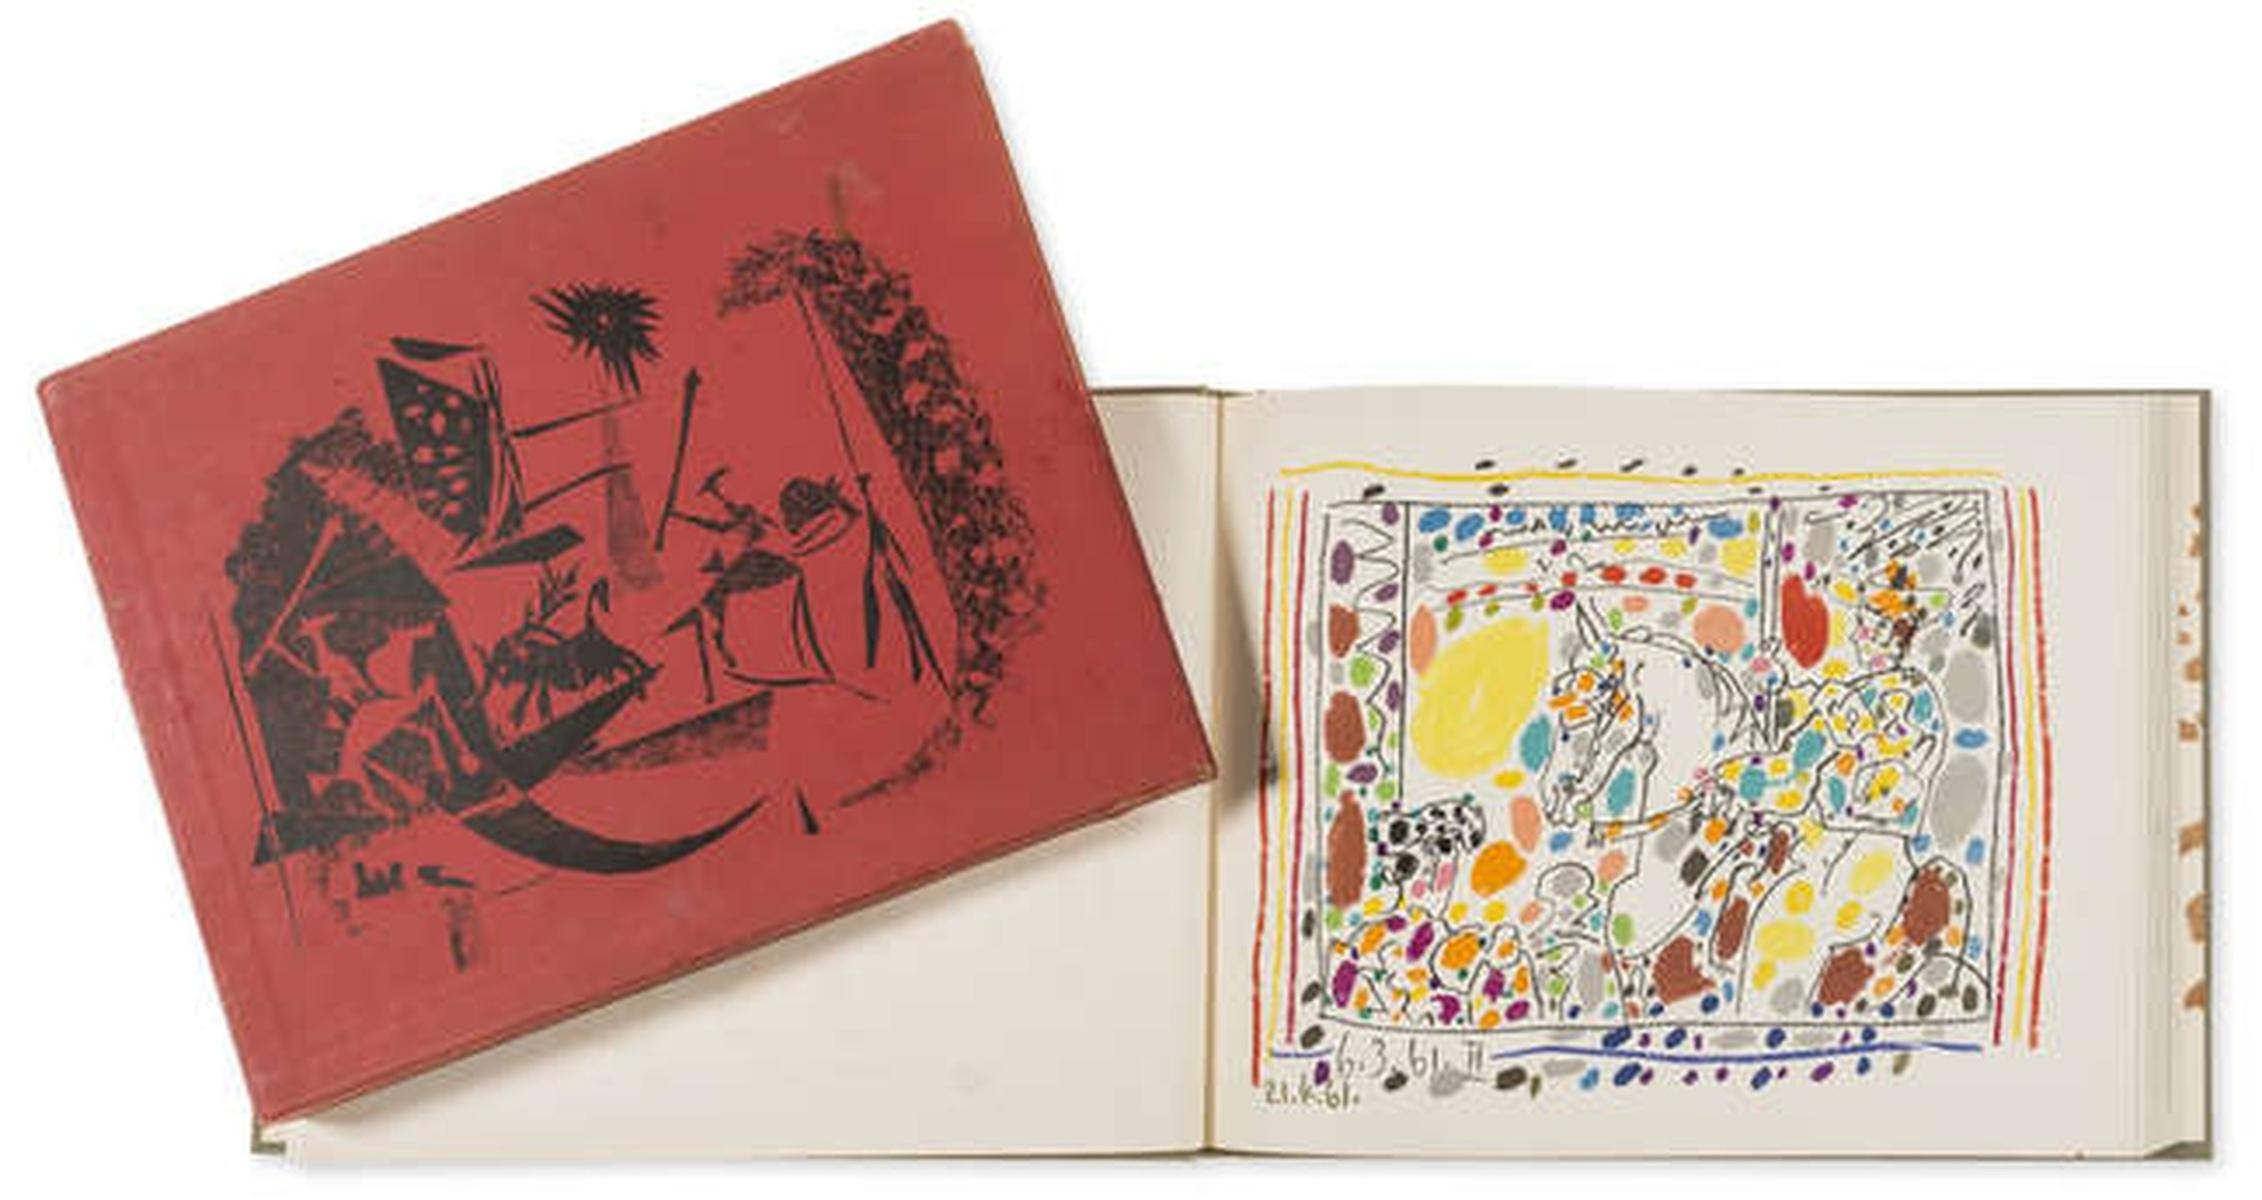 Pablo Picasso (1881-1973) A Los Toros avec Picasso, by Jaime Sabartés (Bloch 1014-47; Cramer 113)